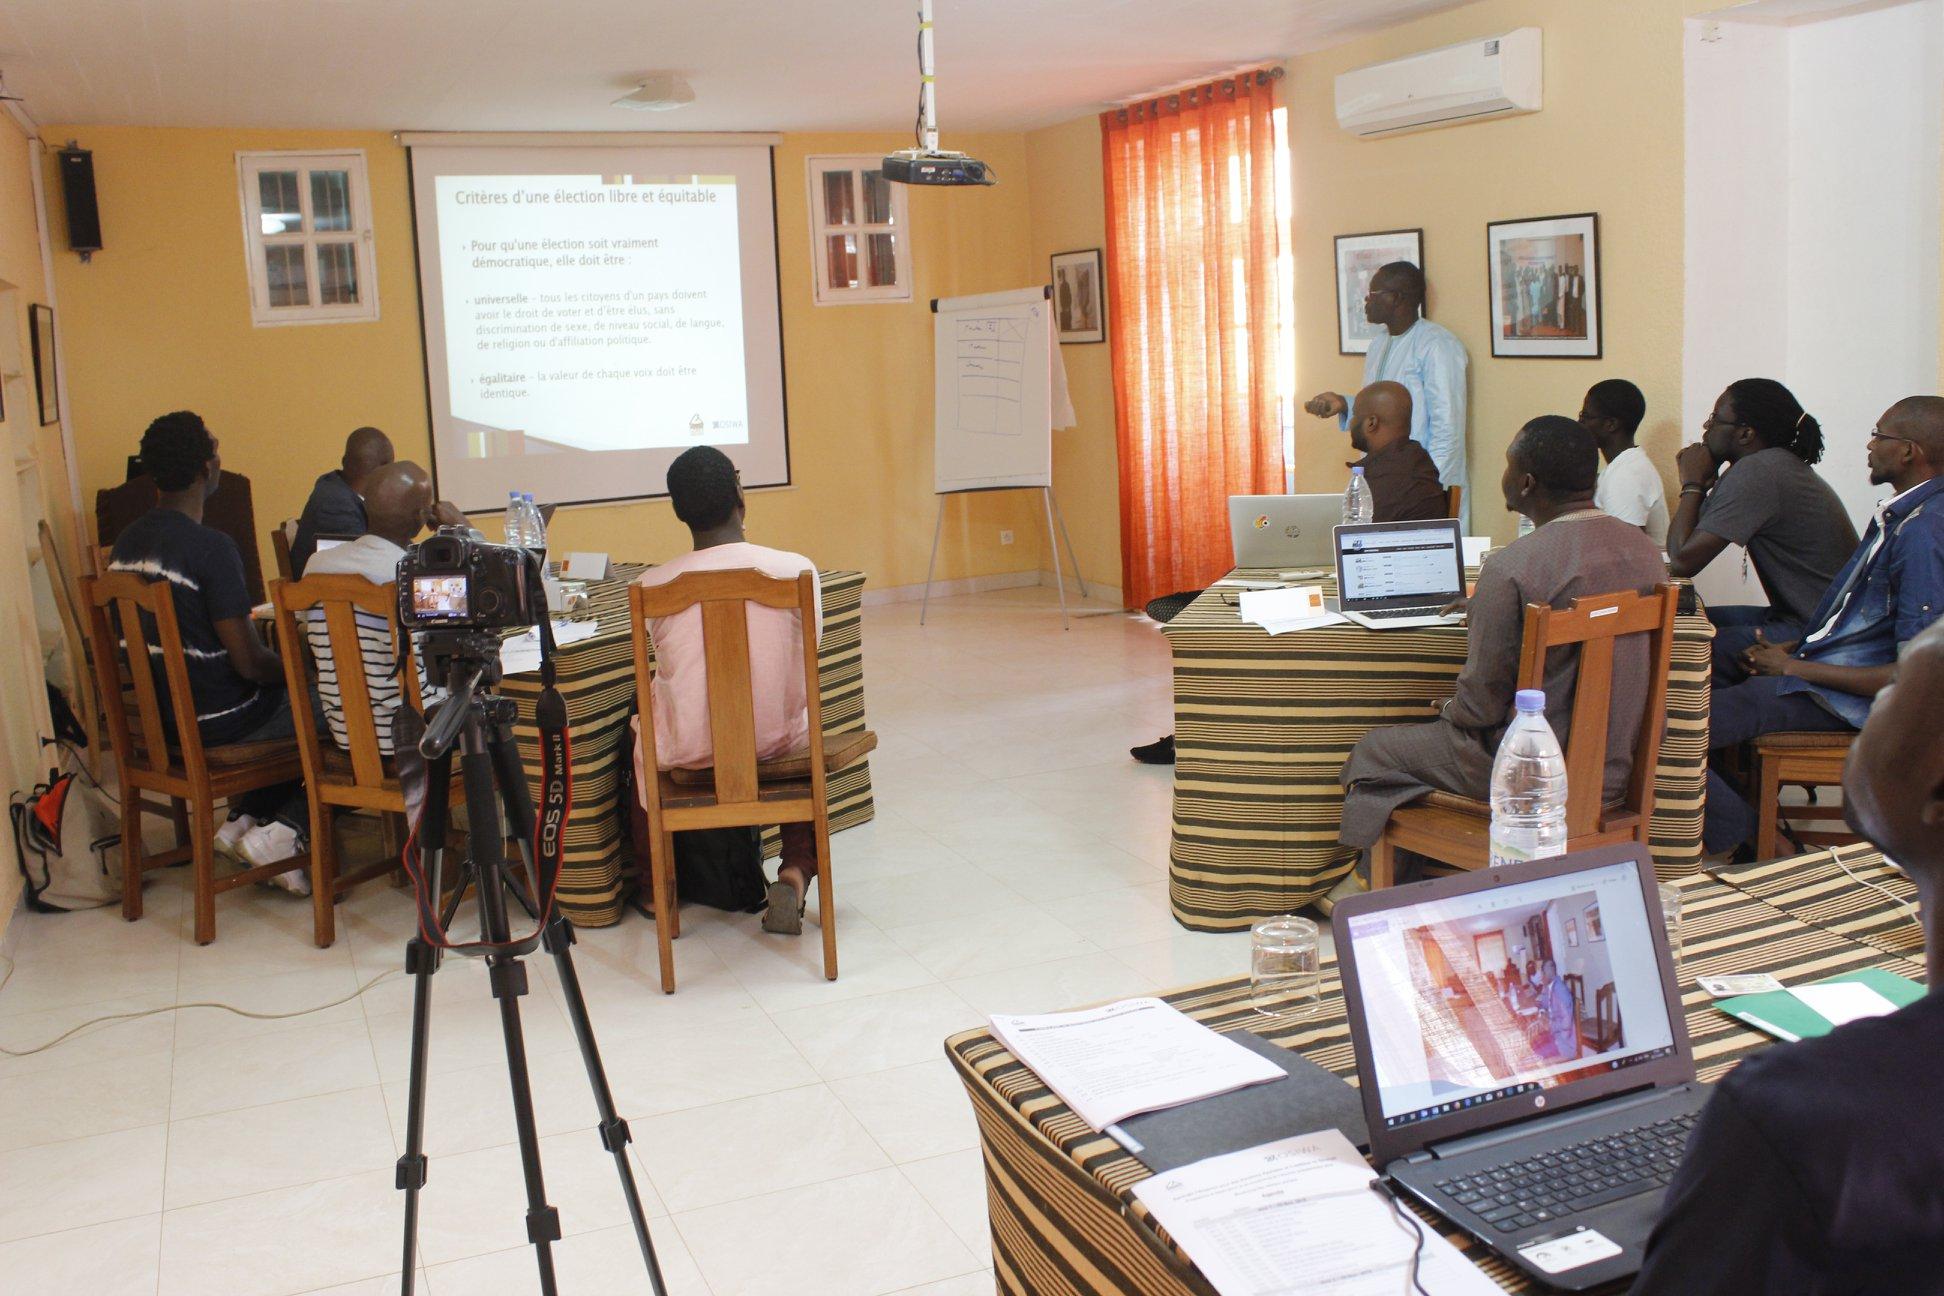 Facebook, gorée institute, gouvernance démocratique, monitoring des réseaux sociaux, Présidentielle 2019, rbs, réseau des blogueurs du Sénégal, réseau social, web 2.0